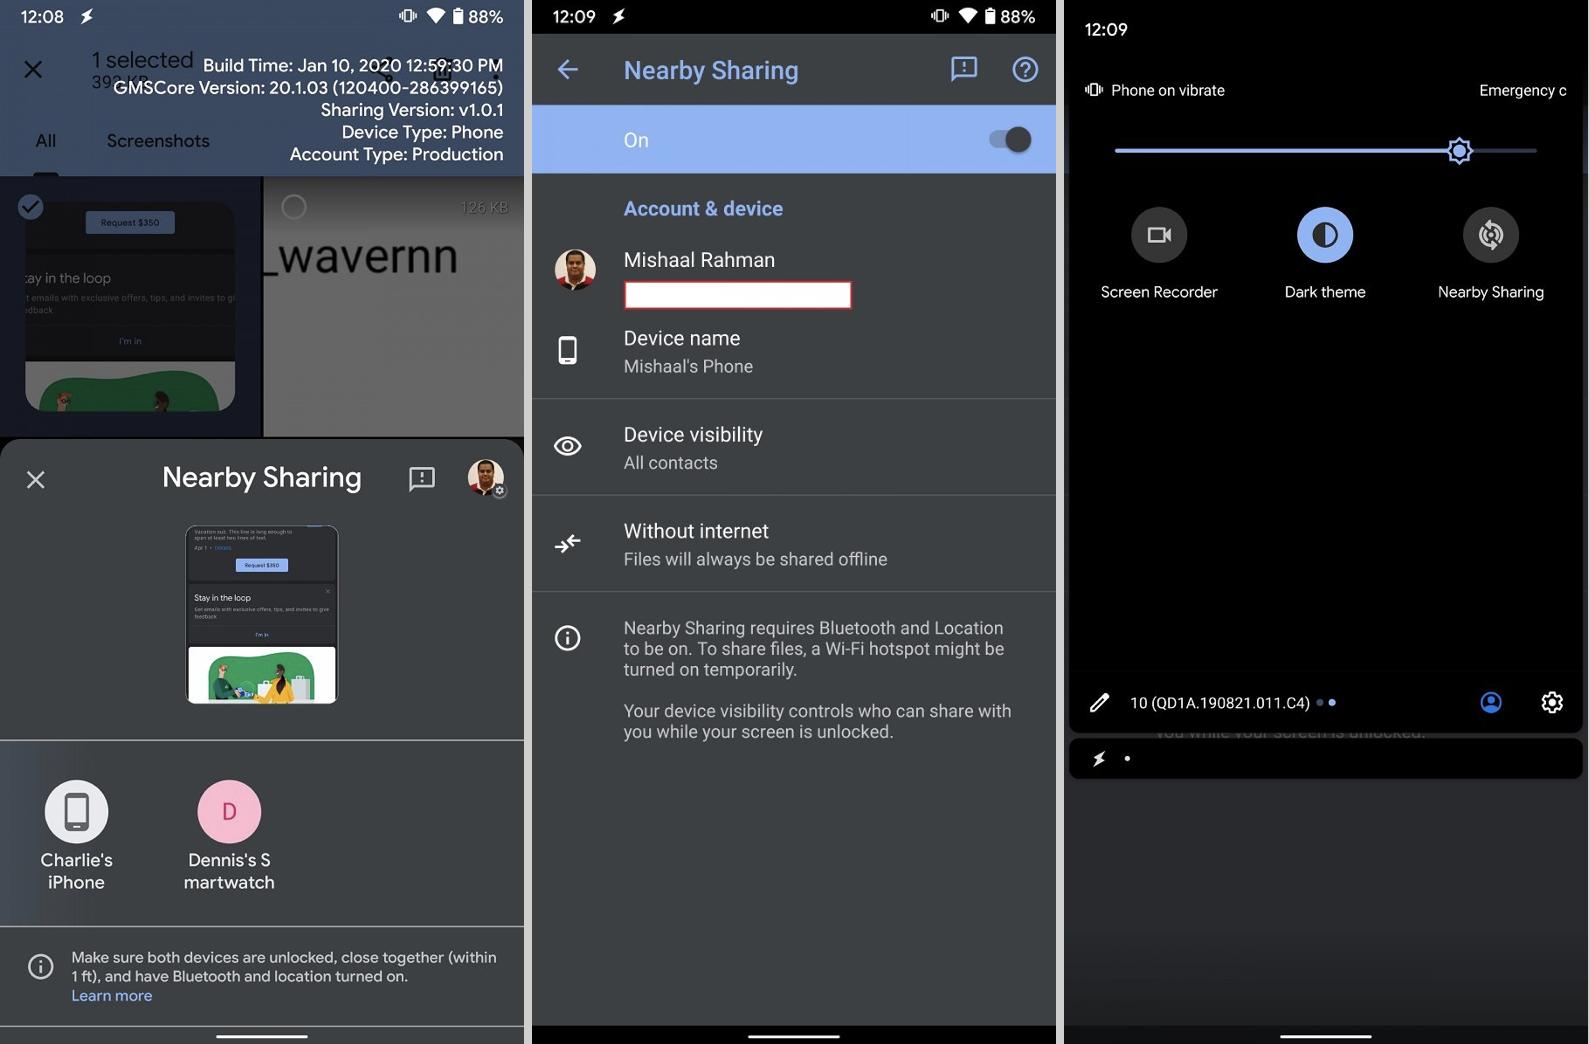 """""""AirDrop"""" w smartfonach z Androidem coraz bliżej. Nadchodzi Nearby Sharing"""